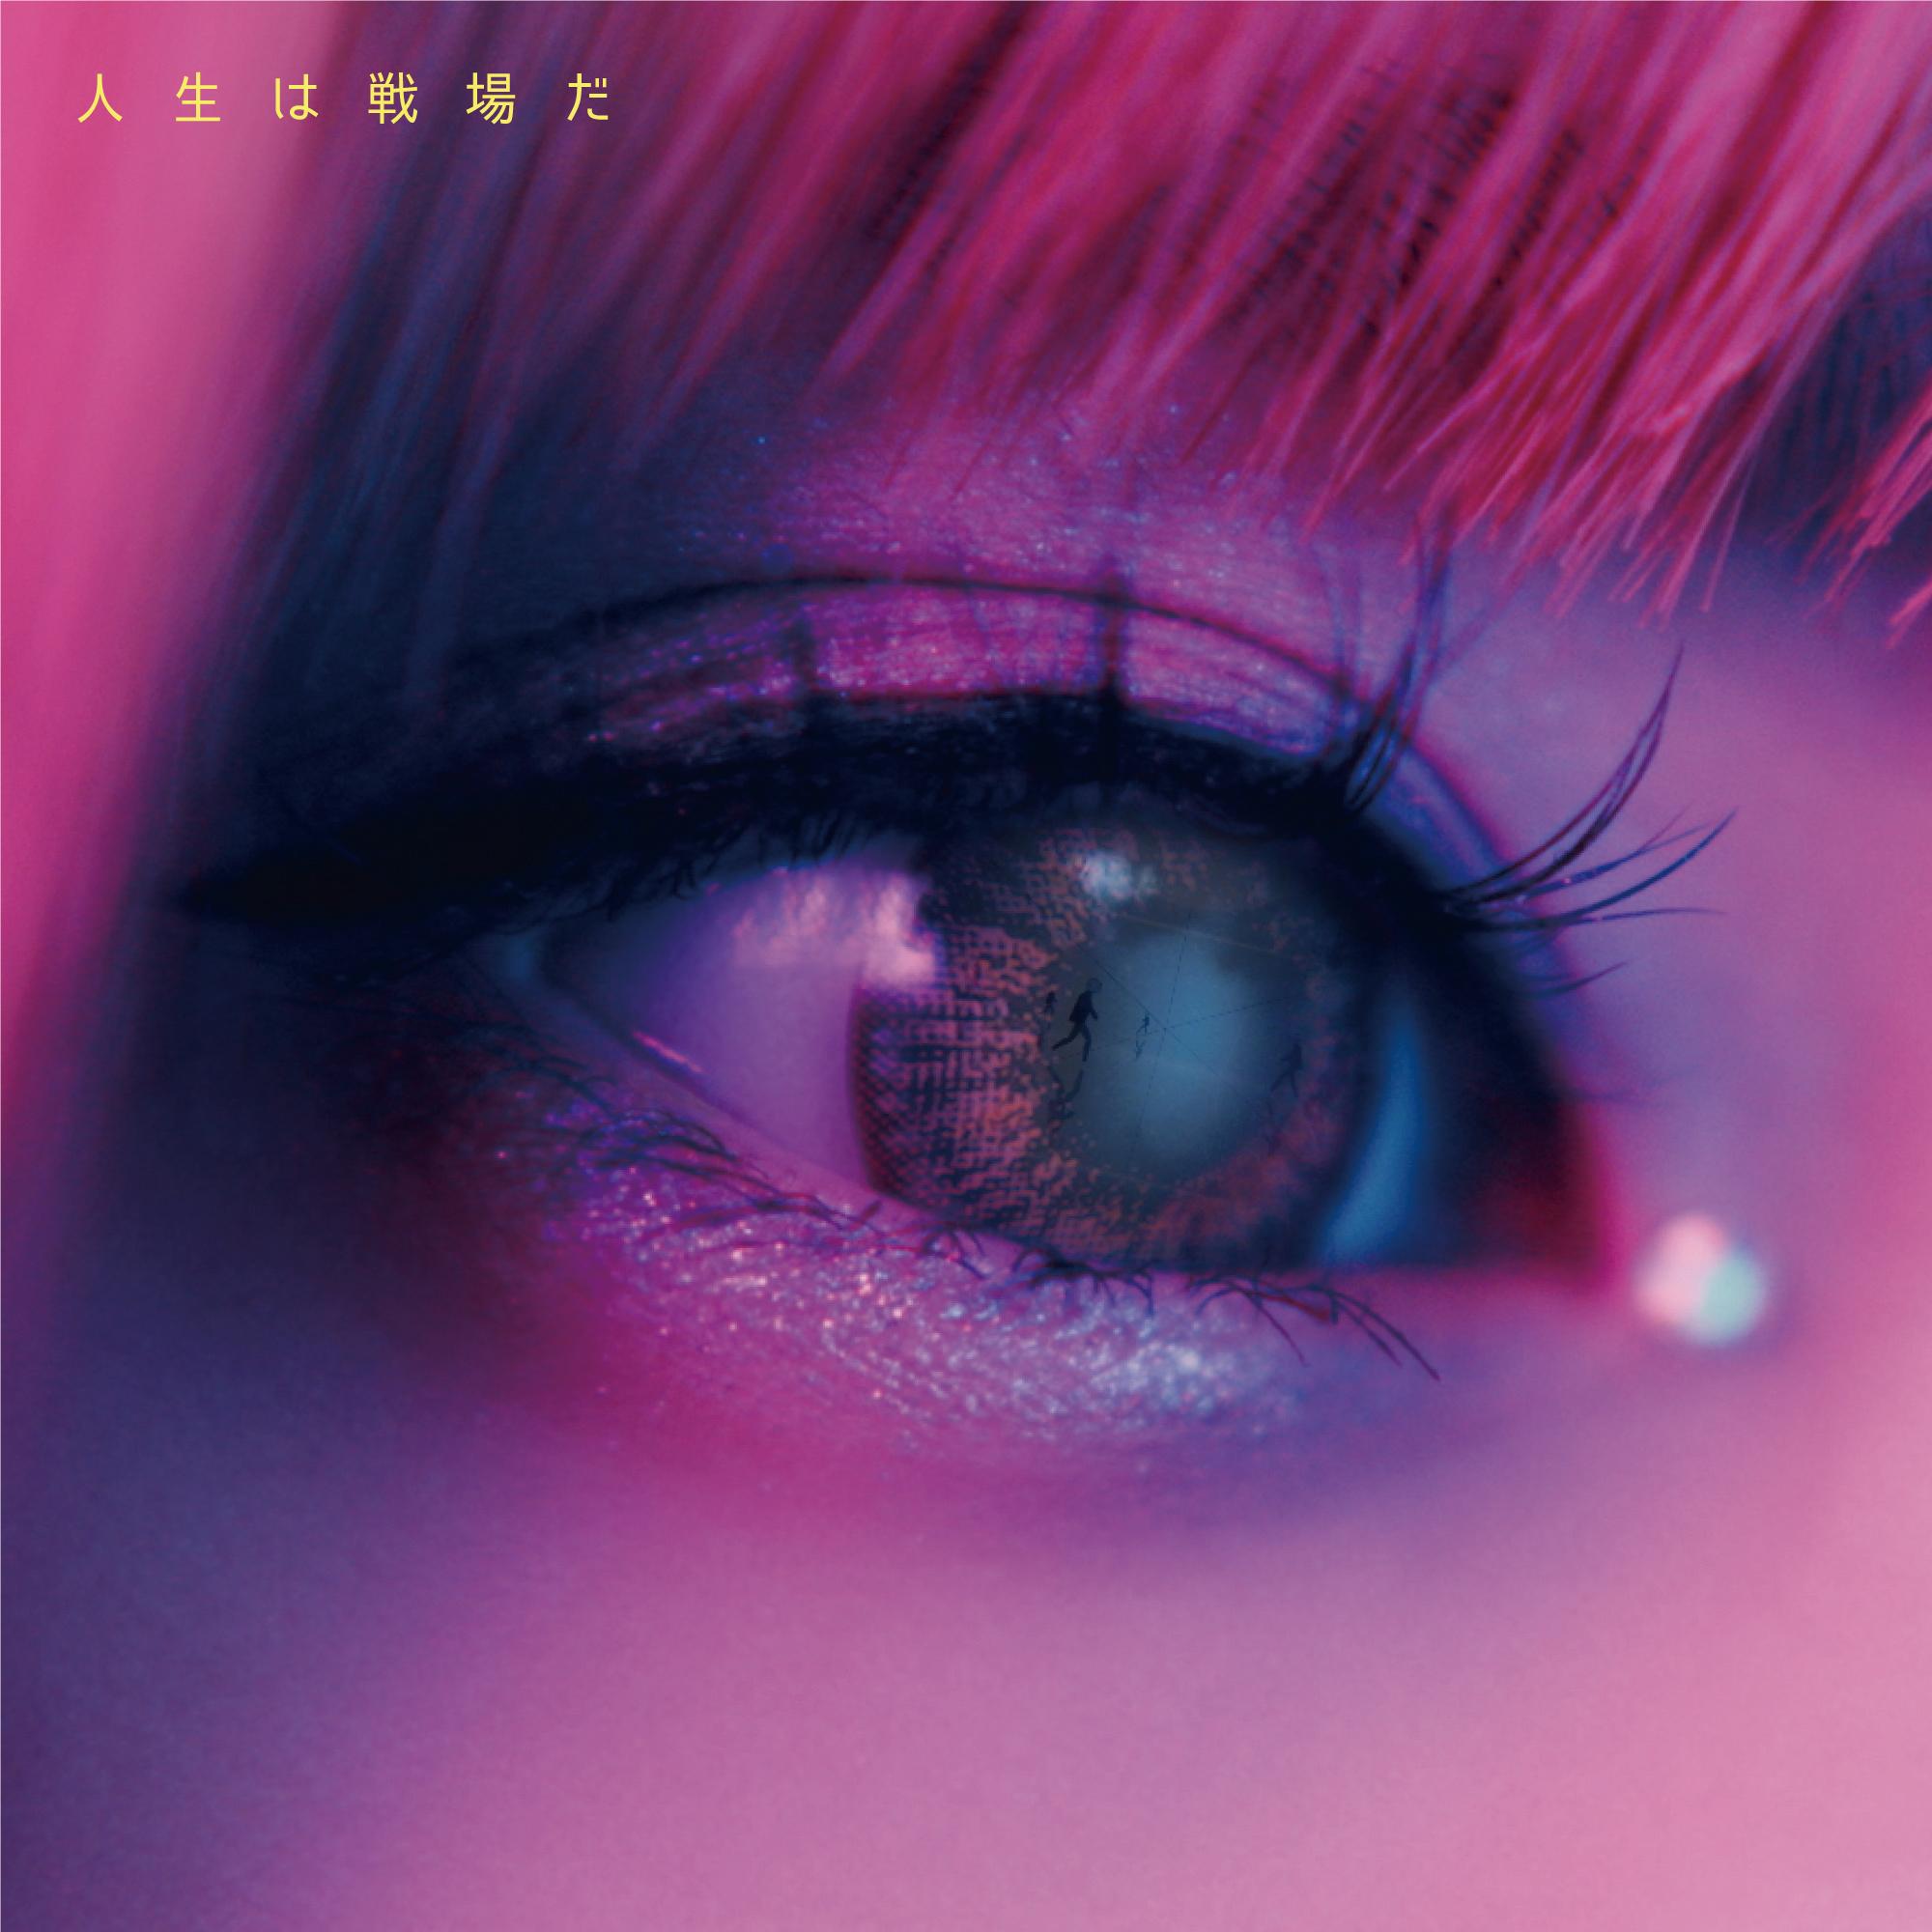 次世代アイコン・安斉かれんデビュー3部作集大成となるシングルをリリース!